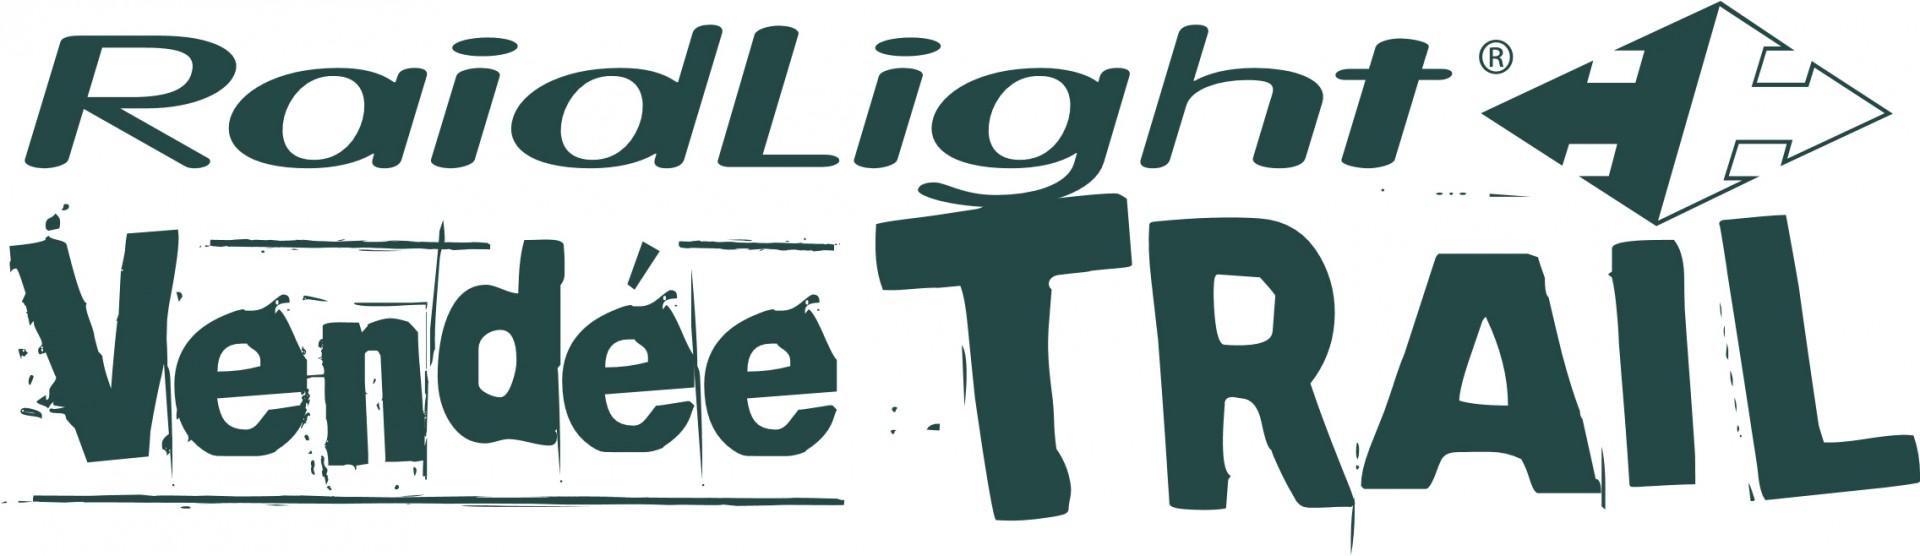 logo-course-5-173243